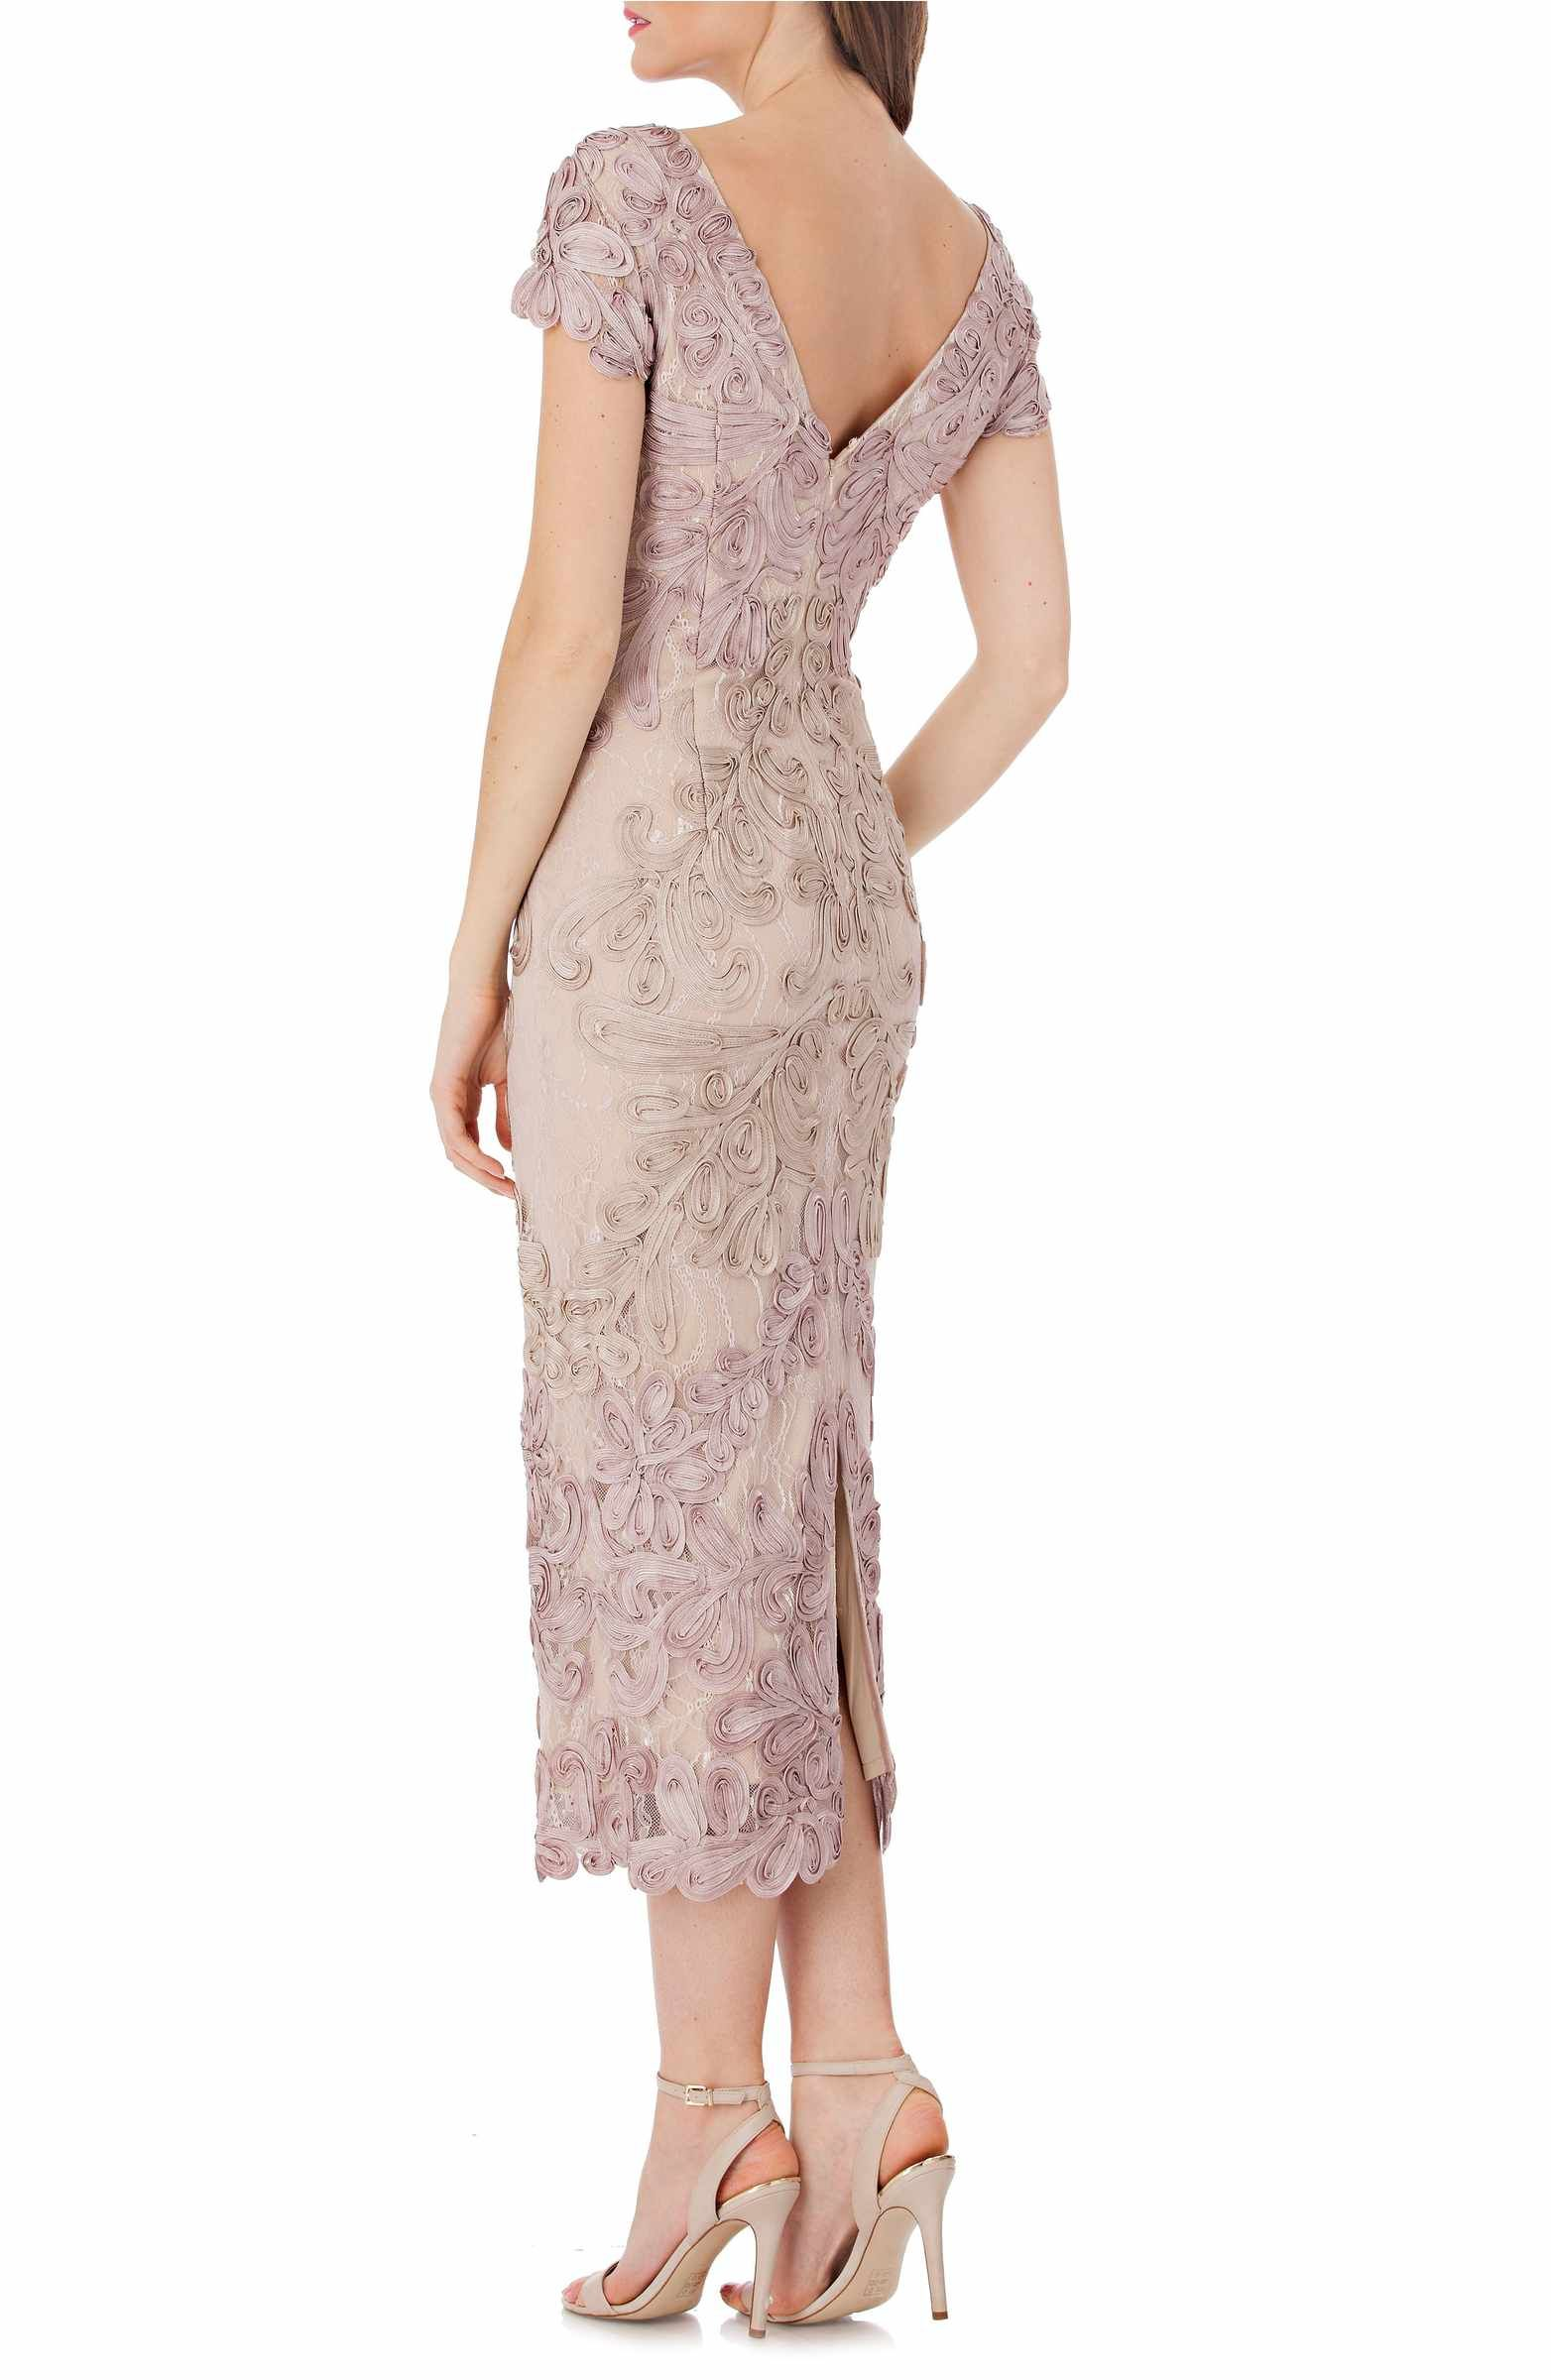 58399681cd6 Main Image - JS Collections Soutache Lace Midi Dress